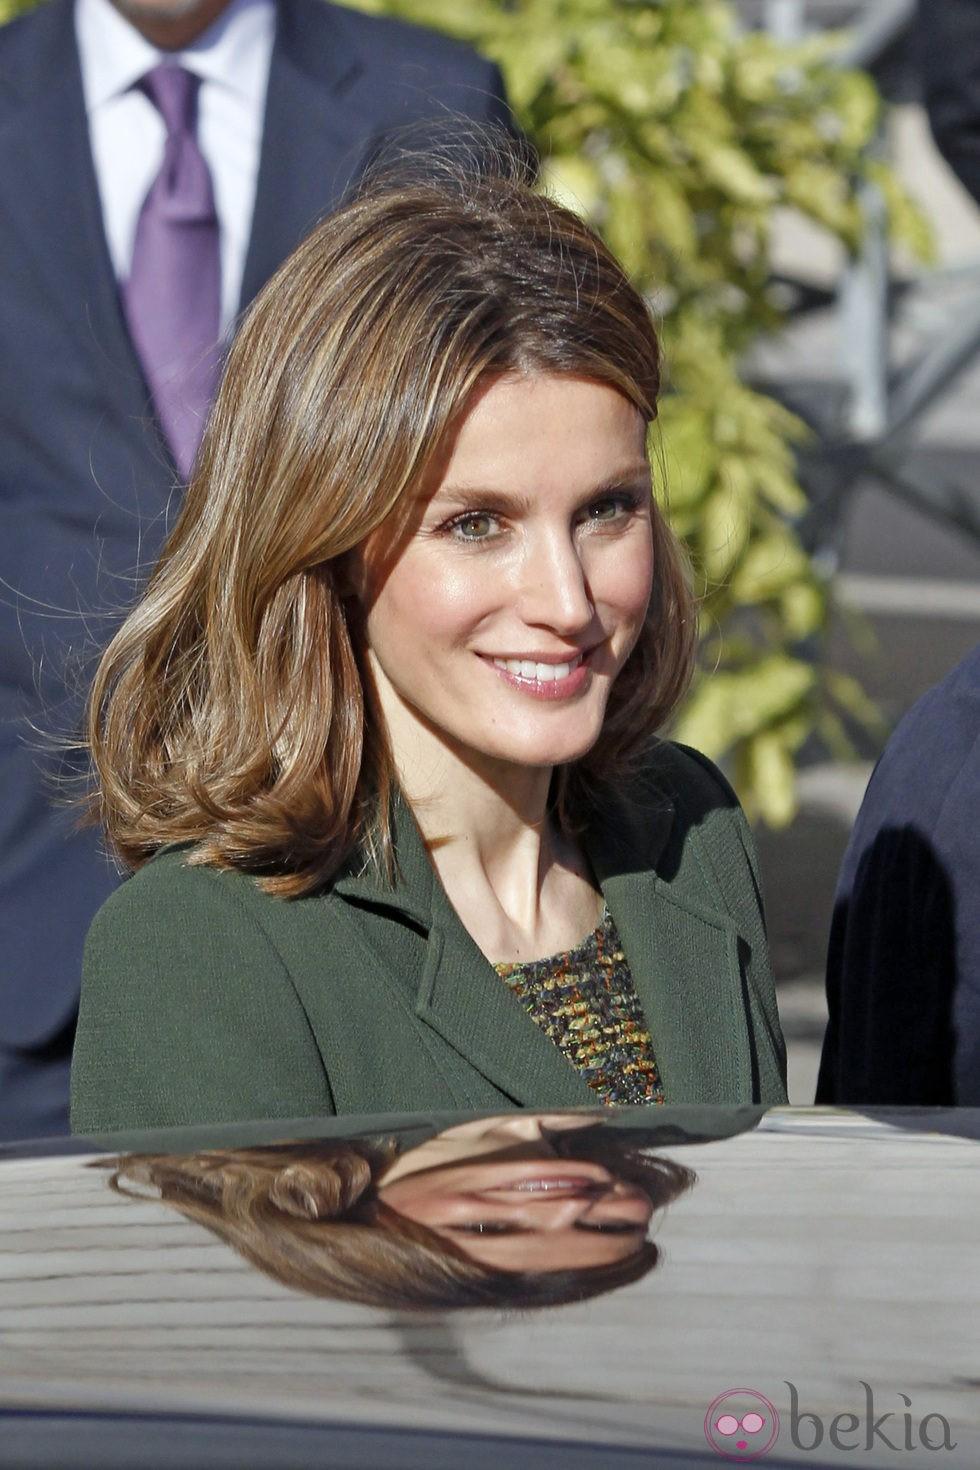 Peinado ondulado de la princesa Letizia